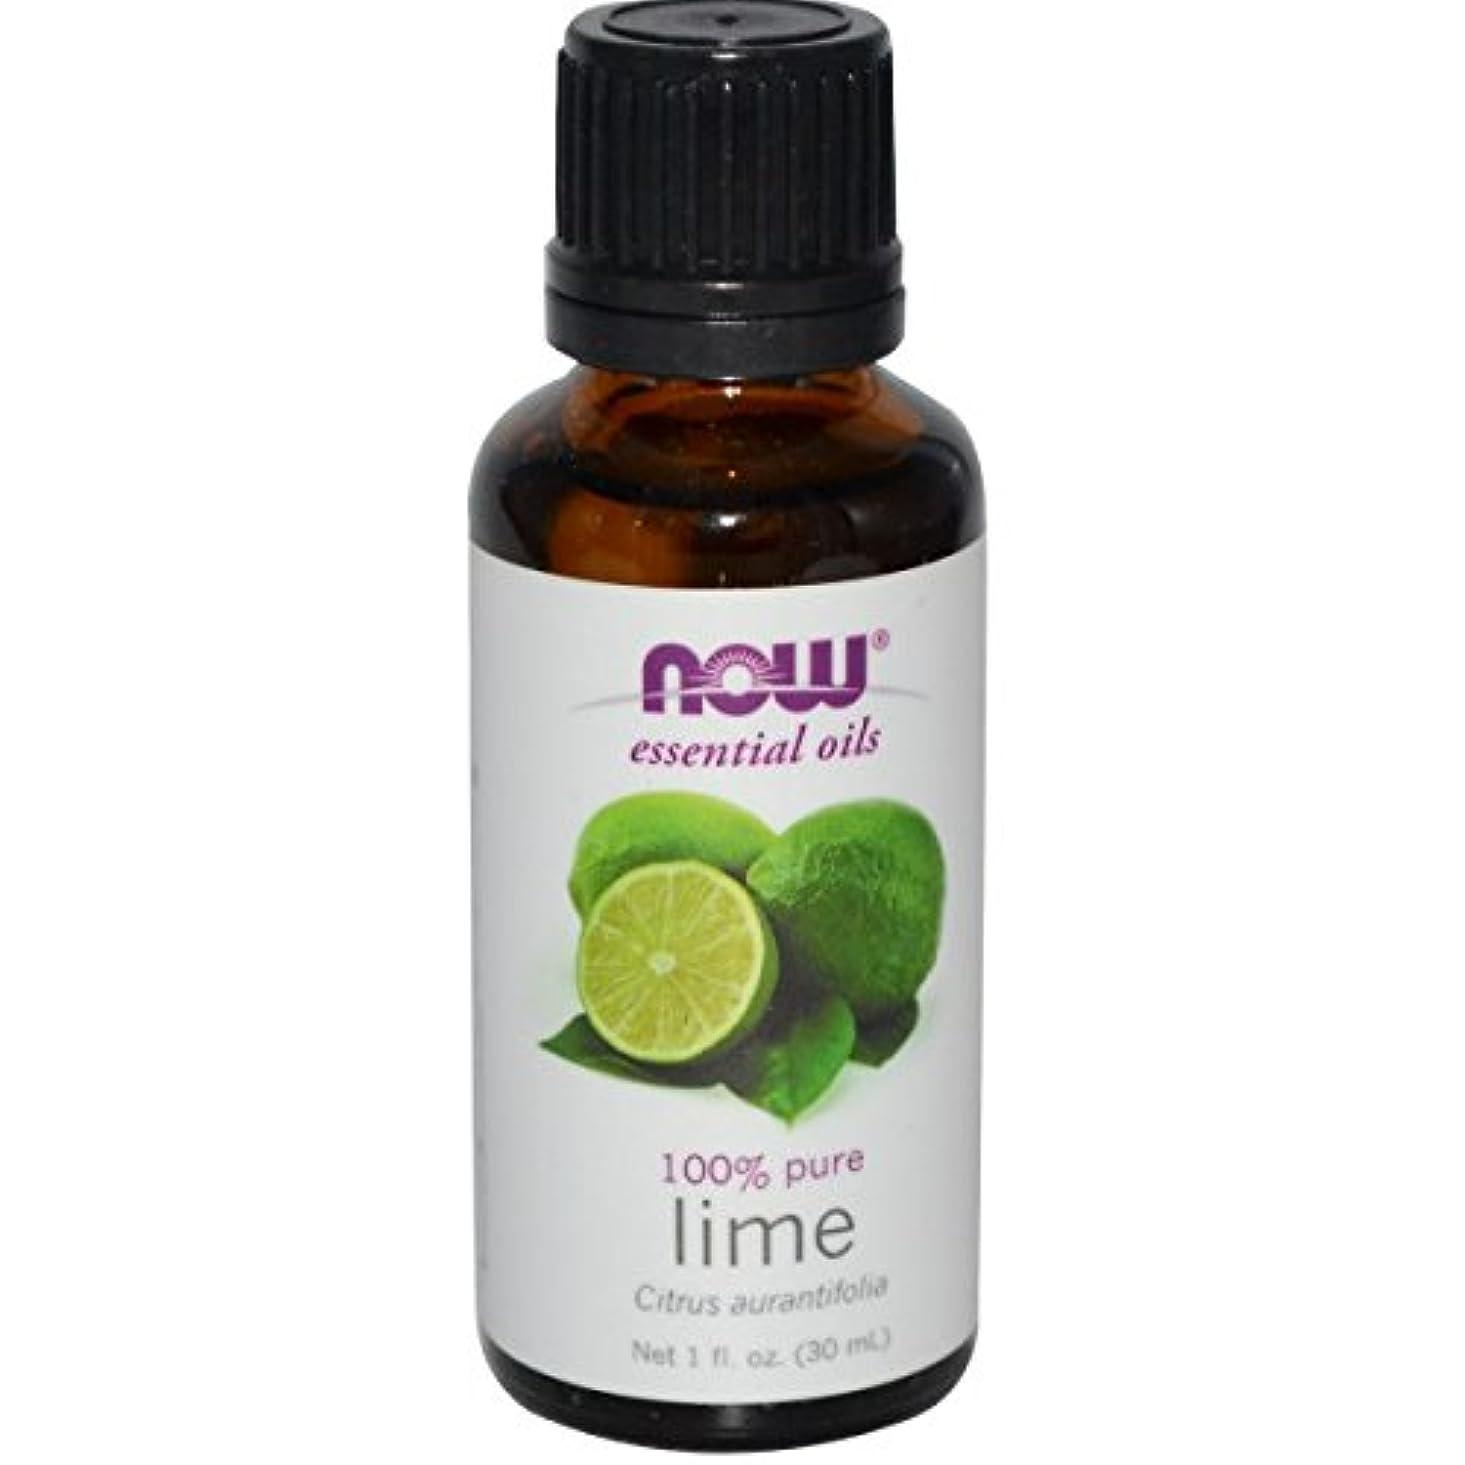 服を着るお気に入りビスケット海外直送品Lime Oil, 1 OZ by Now Foods